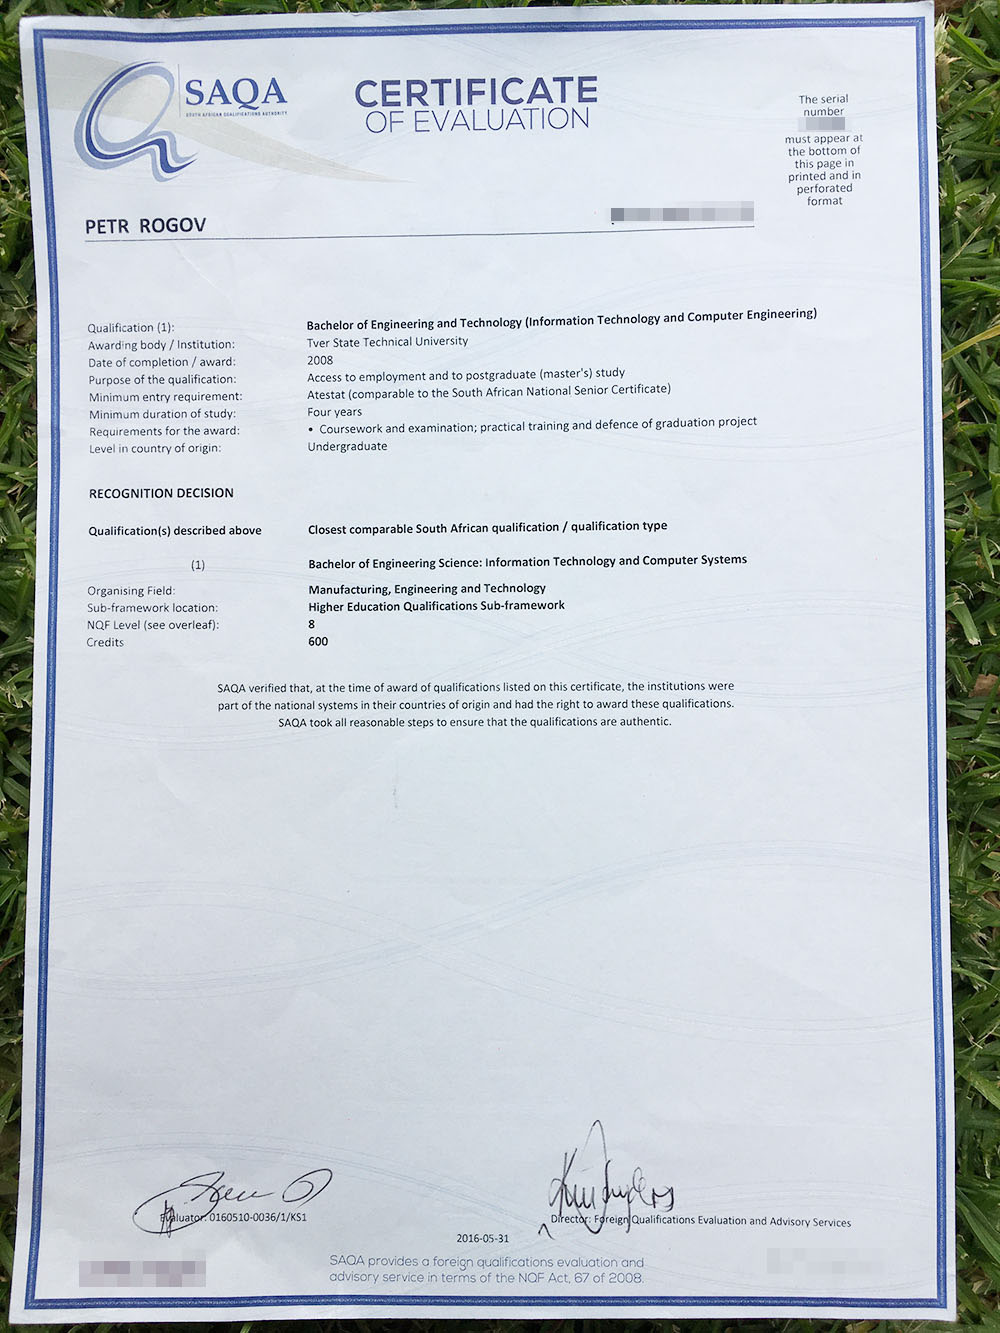 Сертификат о подтверждении российского диплома мужа от агентства SAQA